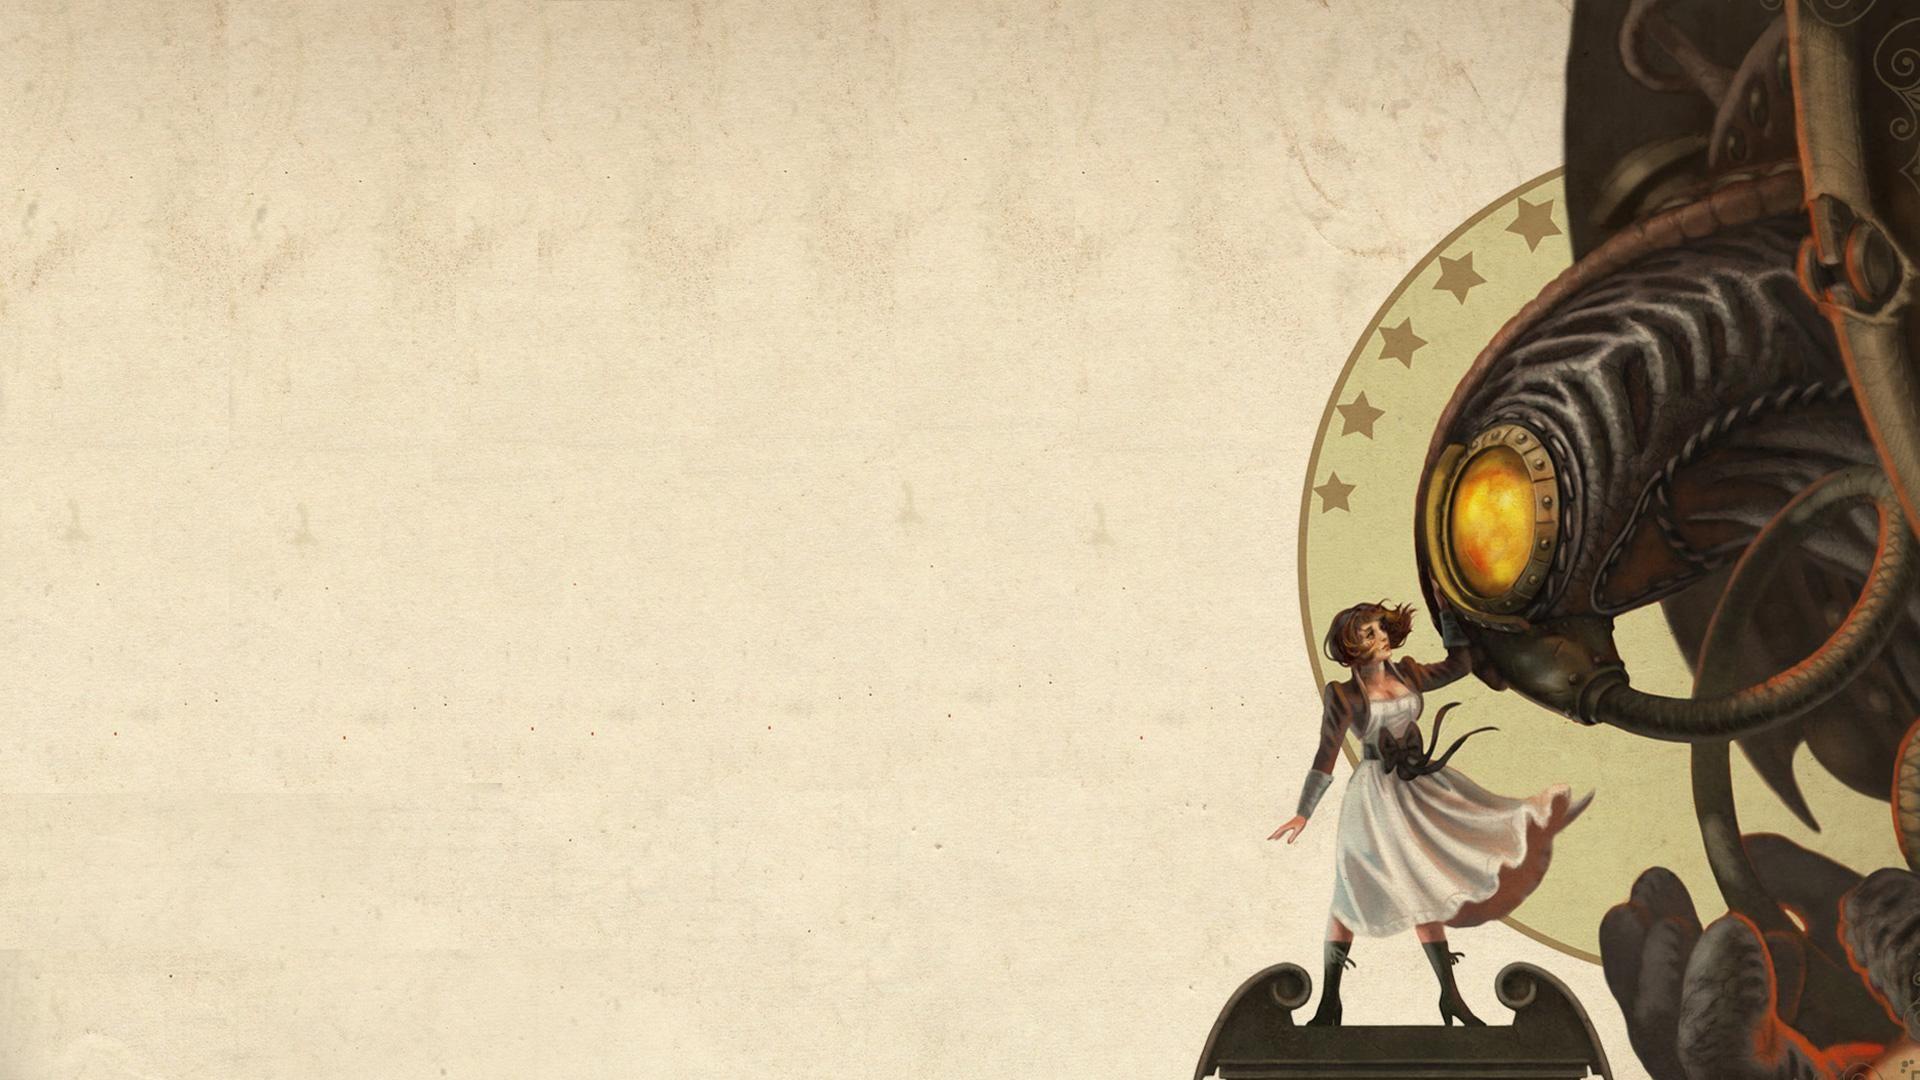 BioShock Infinite SongBird Wallpaper Bioshock Infinite